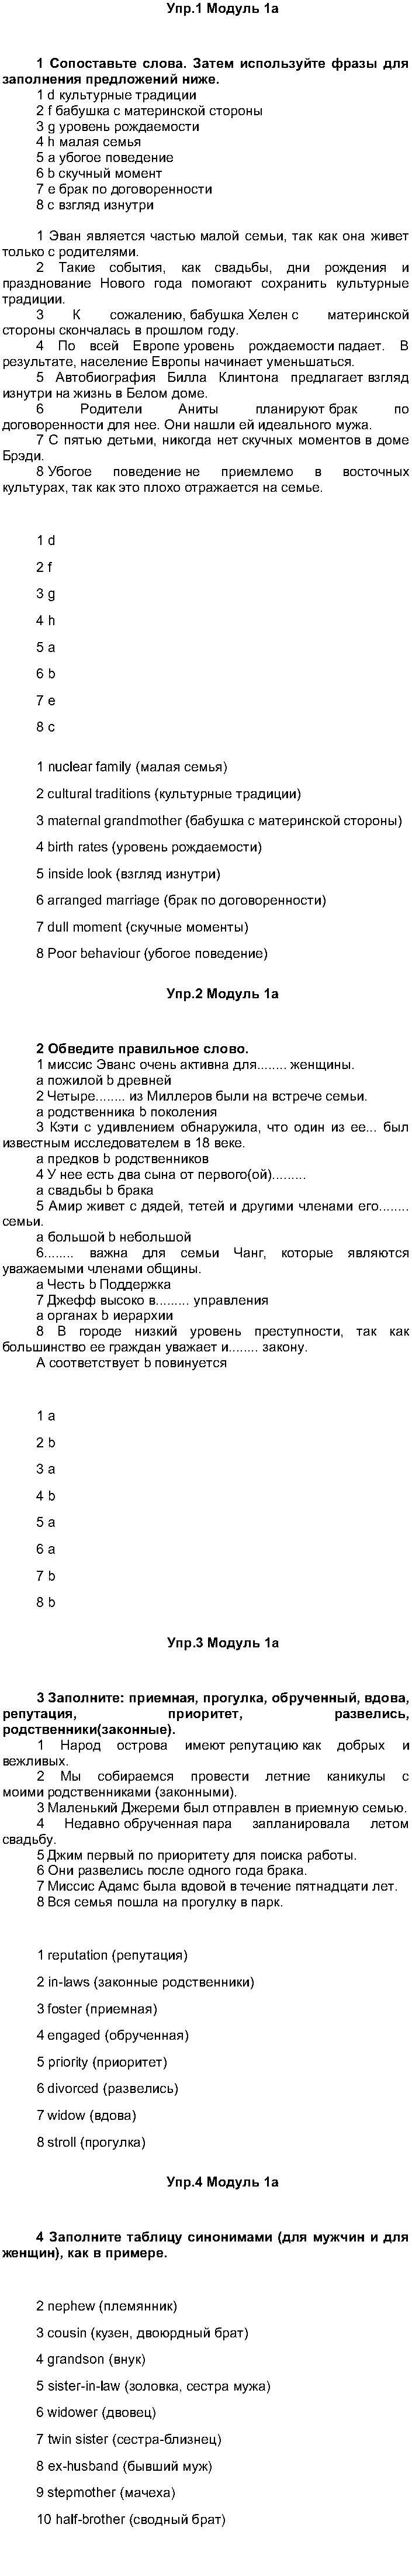 Задание из учебника: с.4 - решебник №2